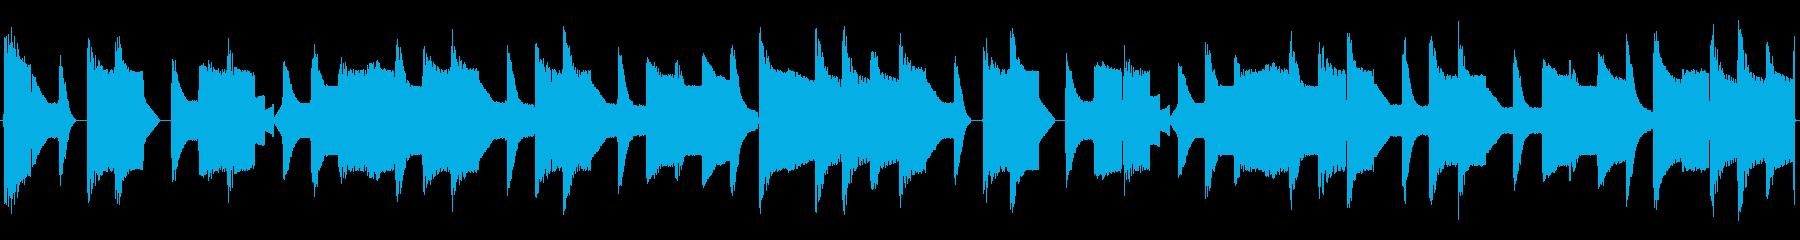 チップチューンの短いループ3の再生済みの波形